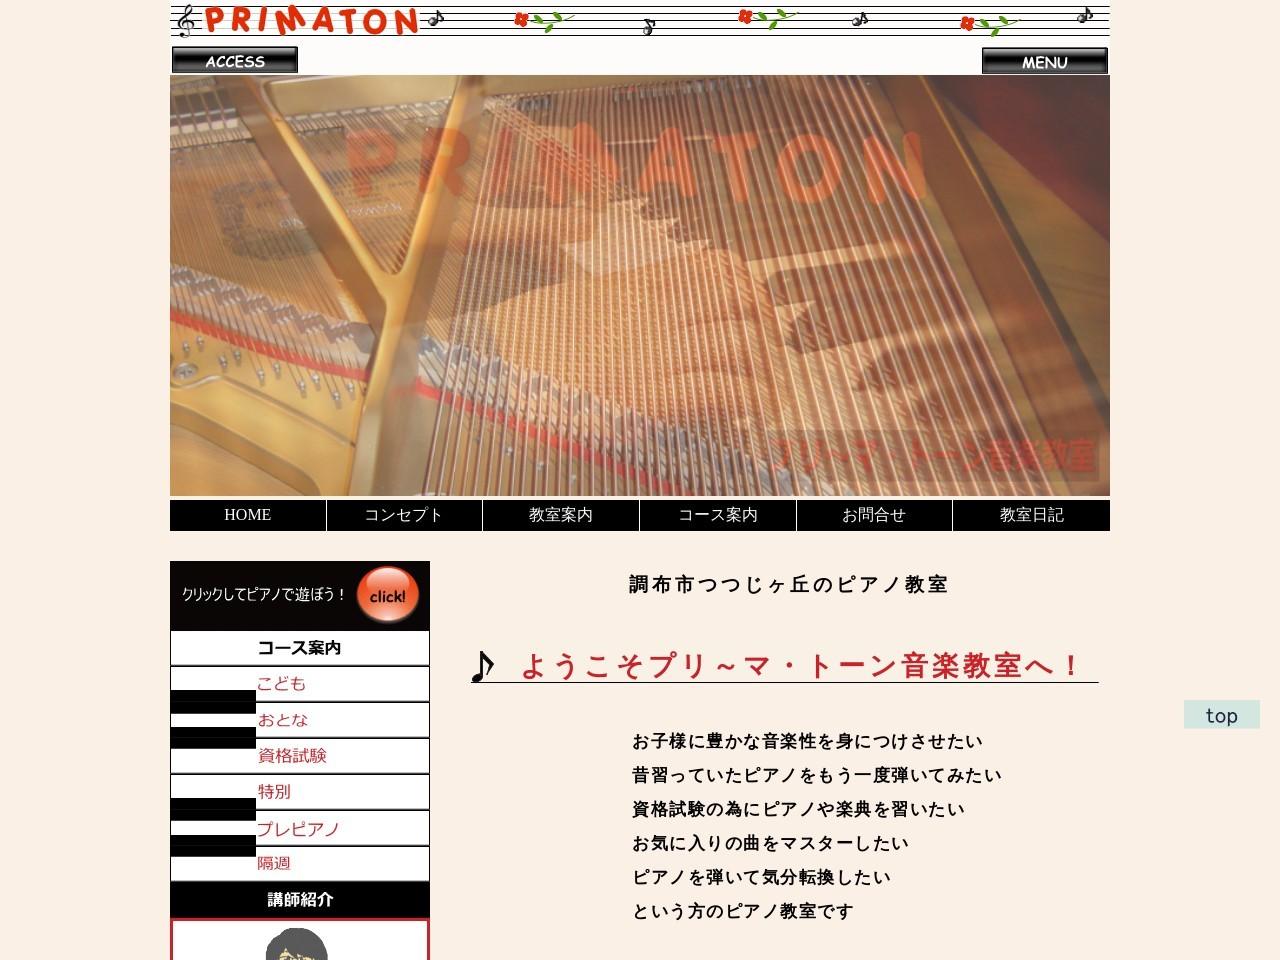 プリ~マ・トーン音楽教室のサムネイル